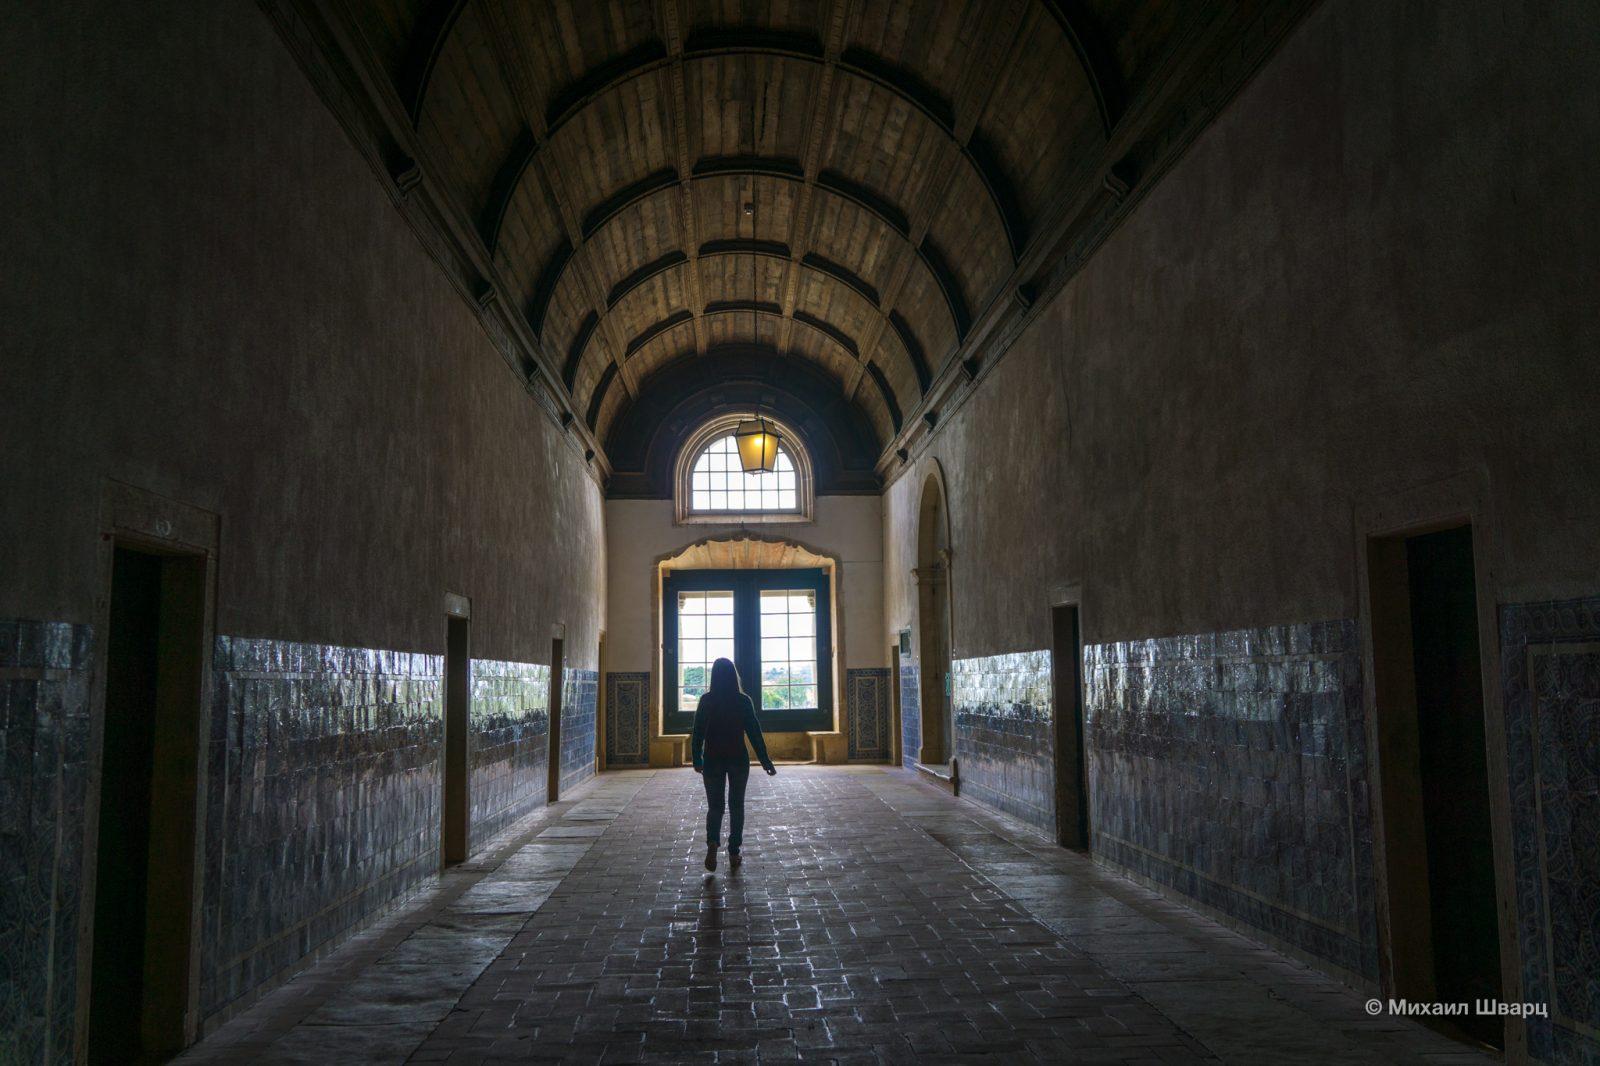 Кельи и жилые помещения монастыря достаточно аскетичны